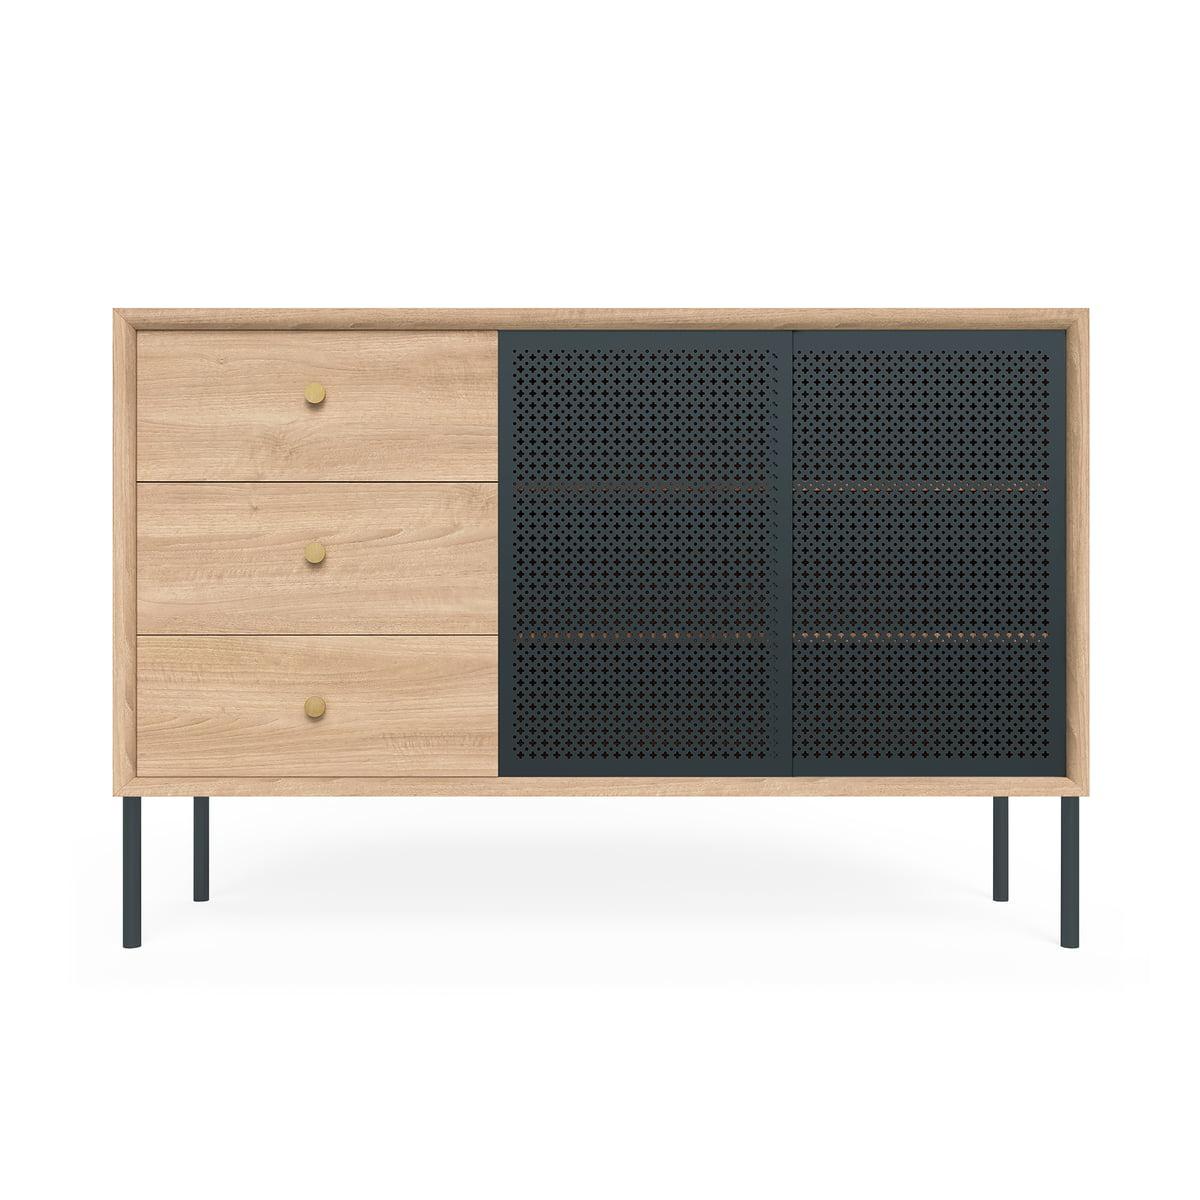 Hartô – Gabin Sideboard Hoch Mit Schubladen, Eiche / Anthrazitgrau (Ral  7016) With Most Up To Date Castelli Sideboards (#8 of 20)